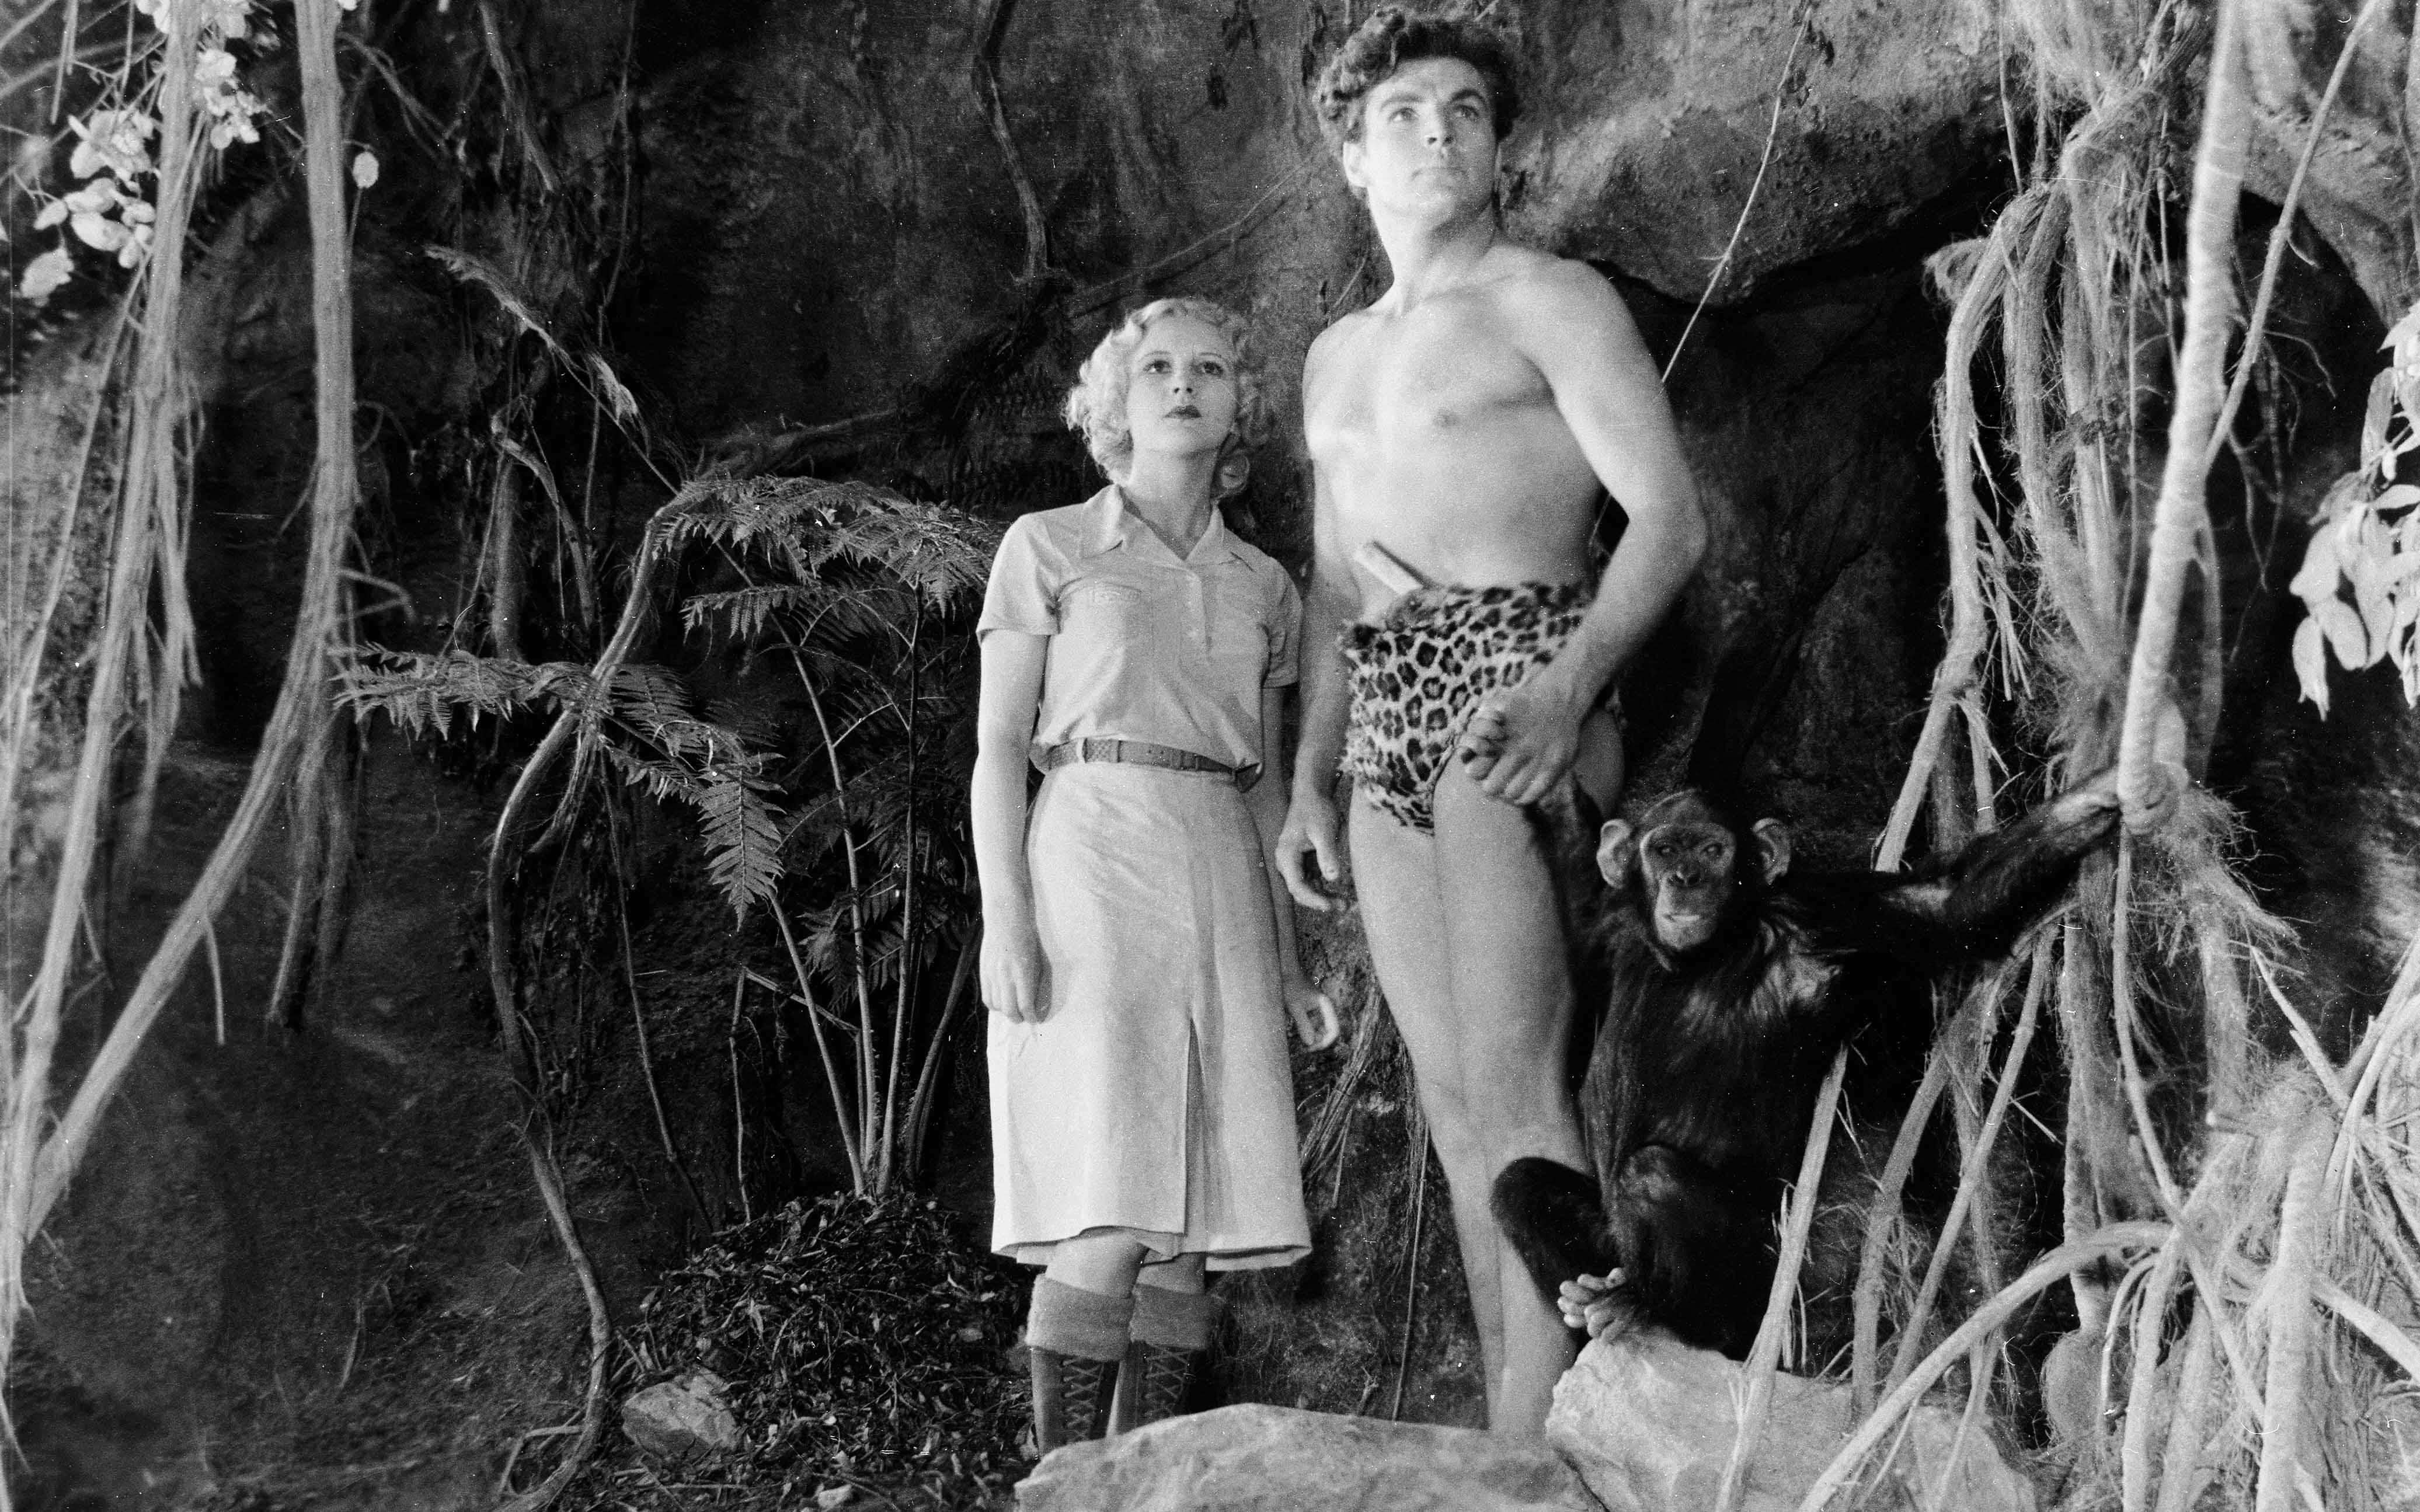 Tarzan, grooming, deodorant